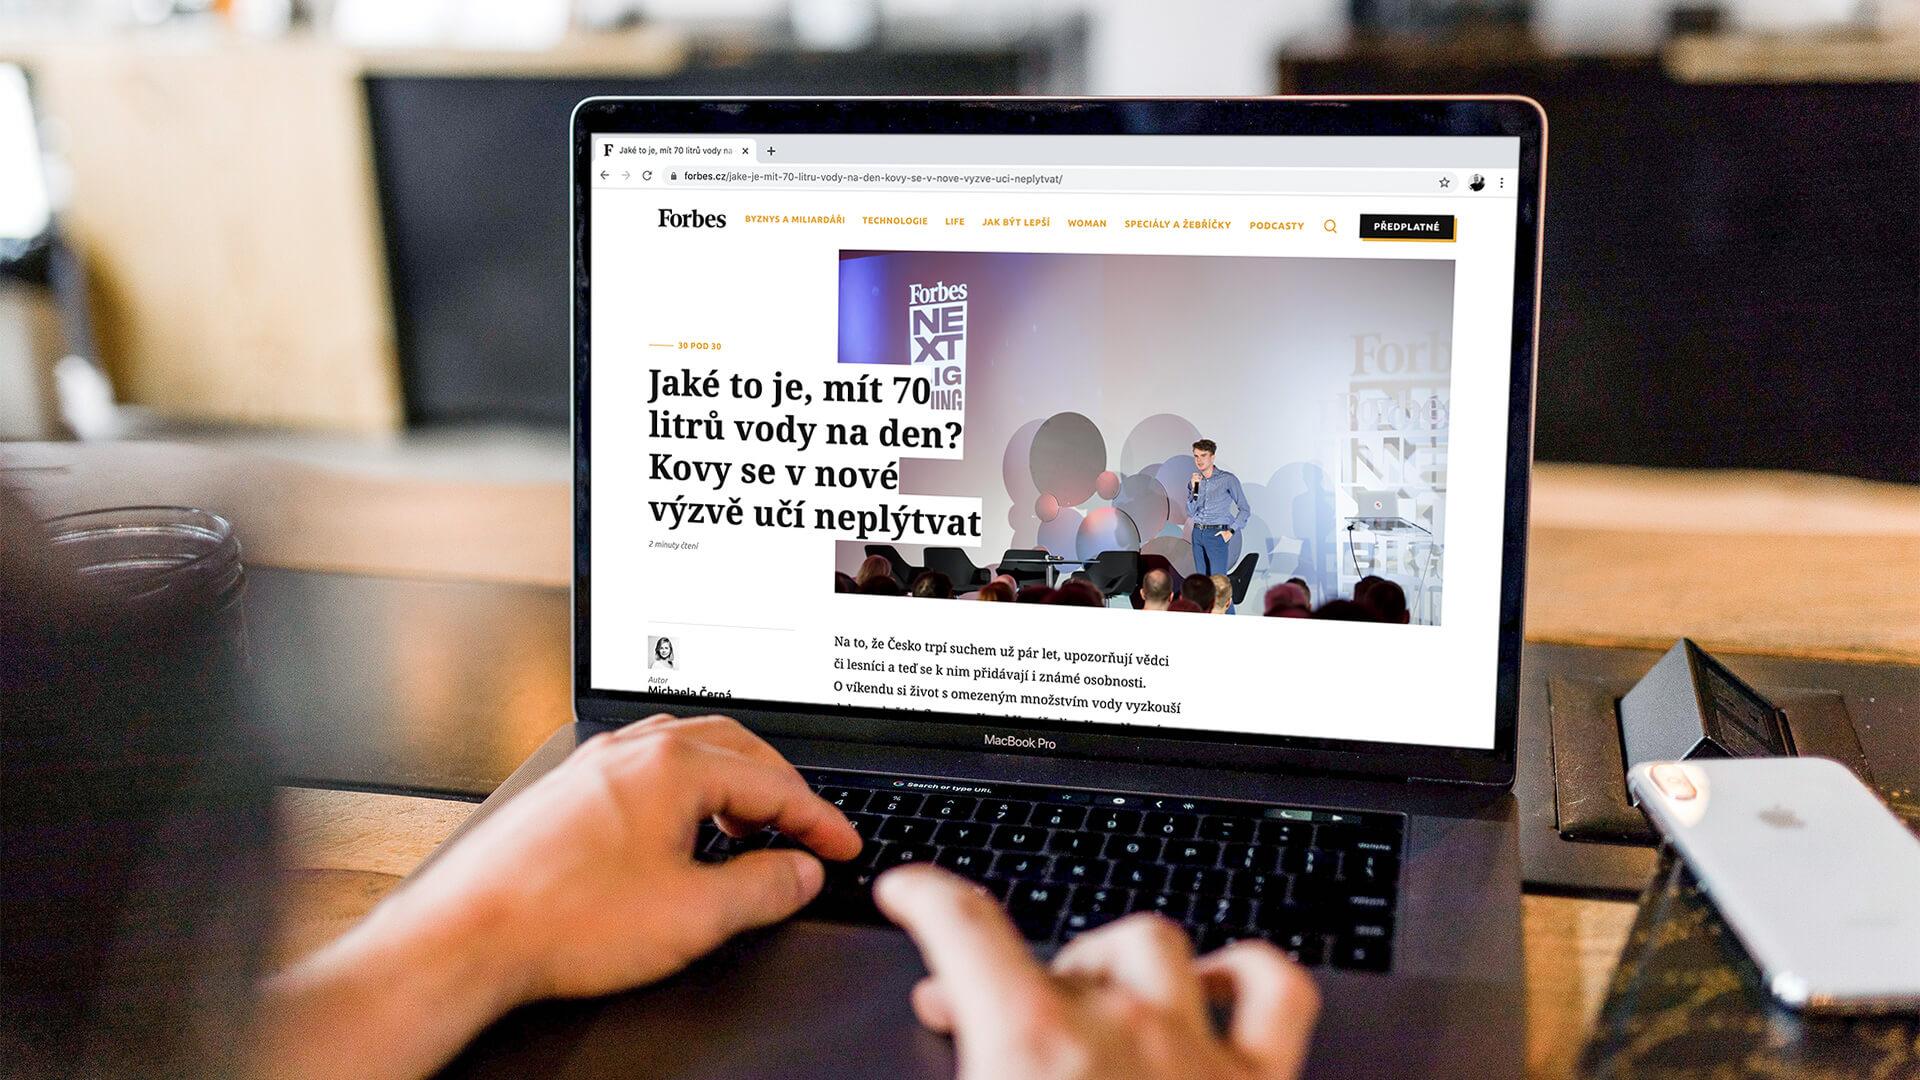 Fotografie počítače, na kterém je otevřená stránka Forbes.cz s článkem o kampani